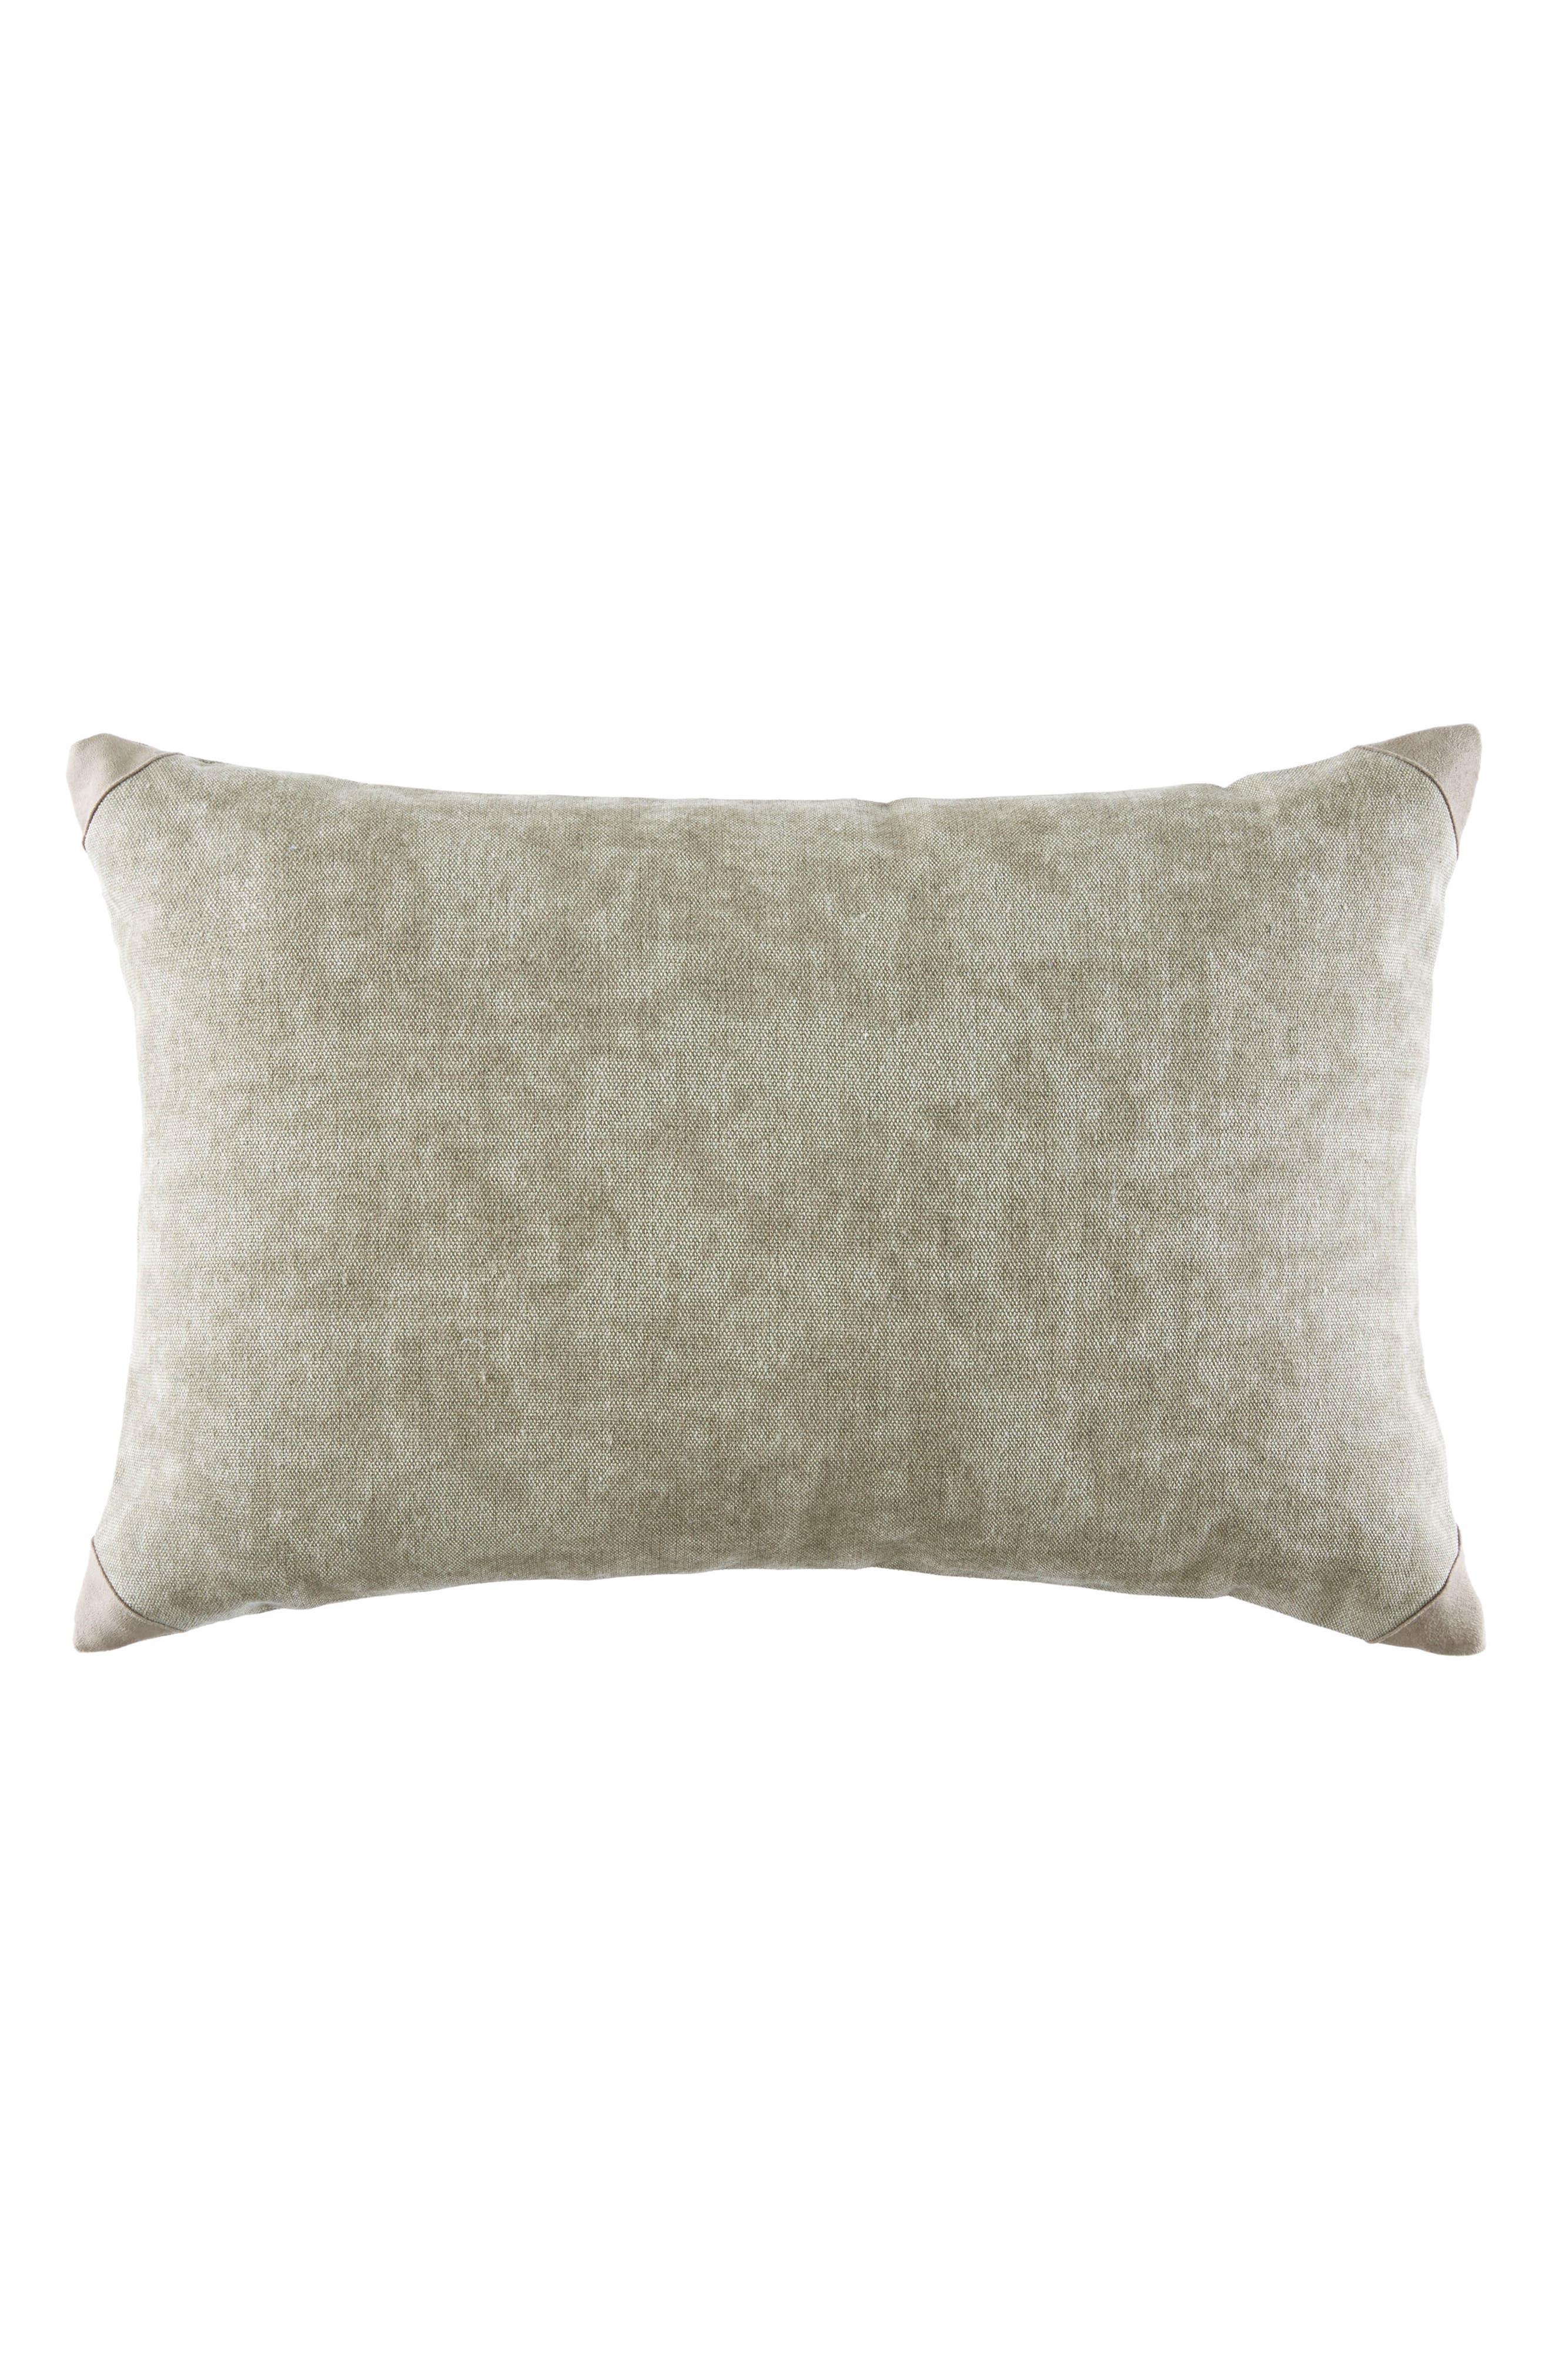 Elbow Patch Accent Pillow,                         Main,                         color, Khaki